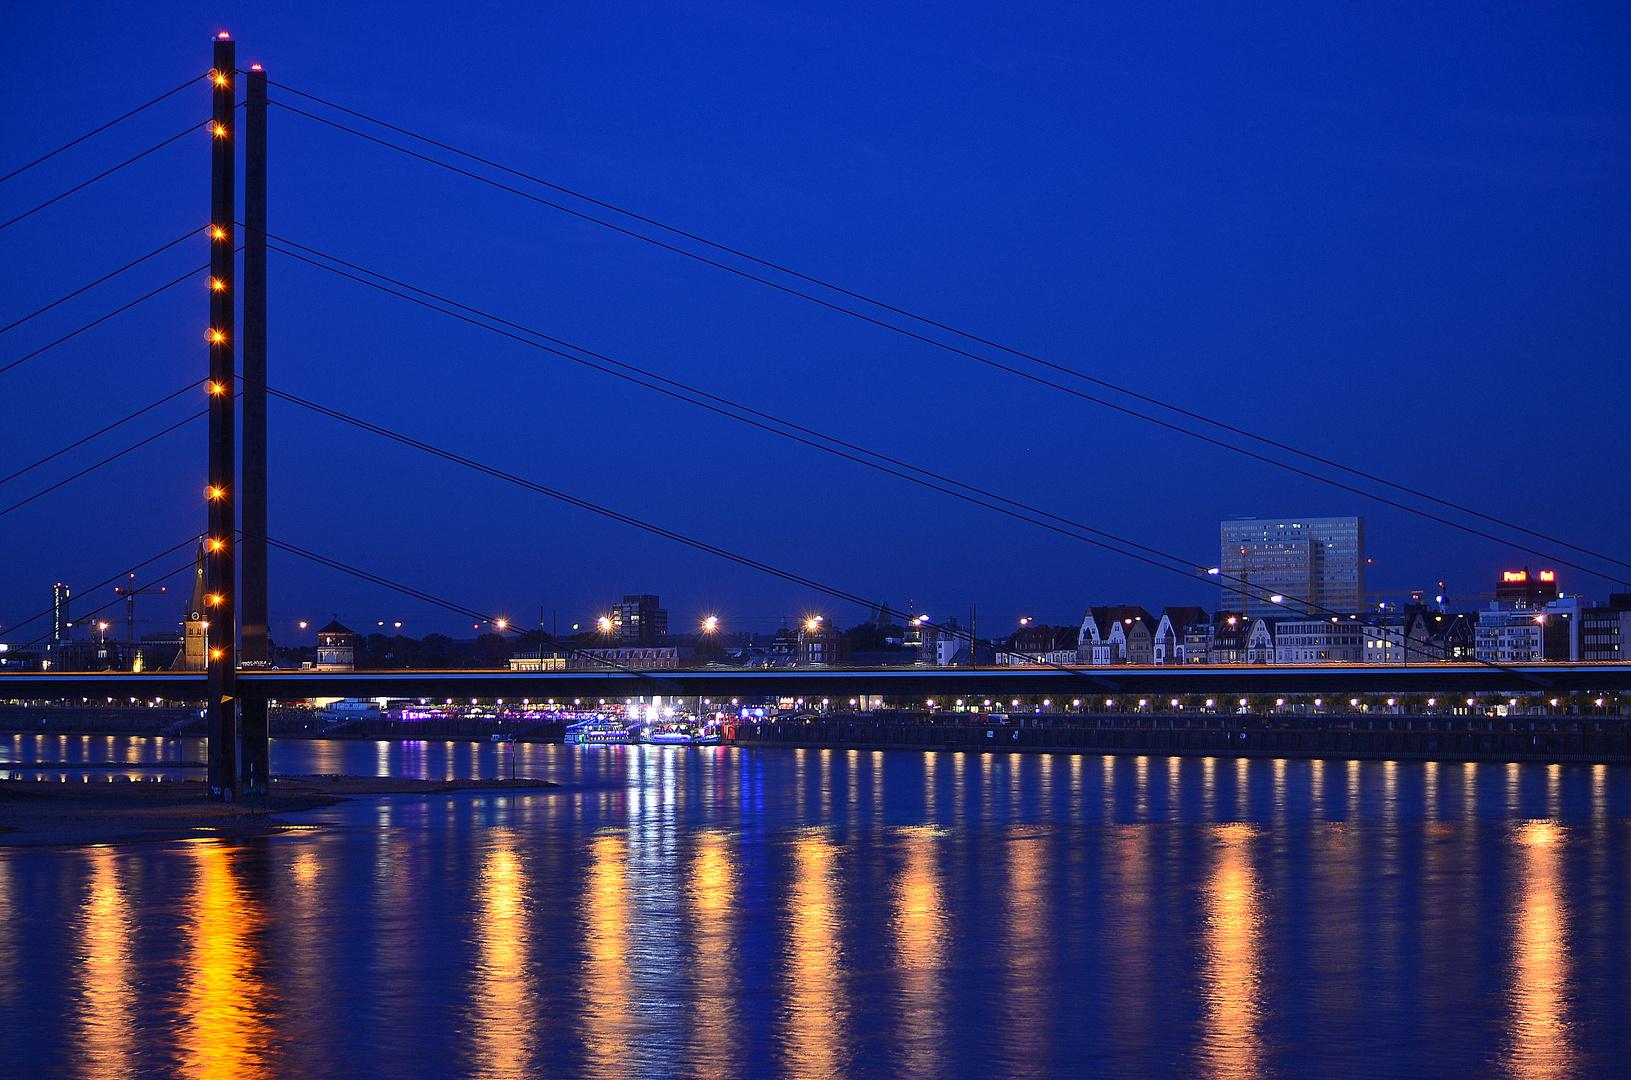 Rhein-Kniebrücke mit Blick auf Düsseldorf